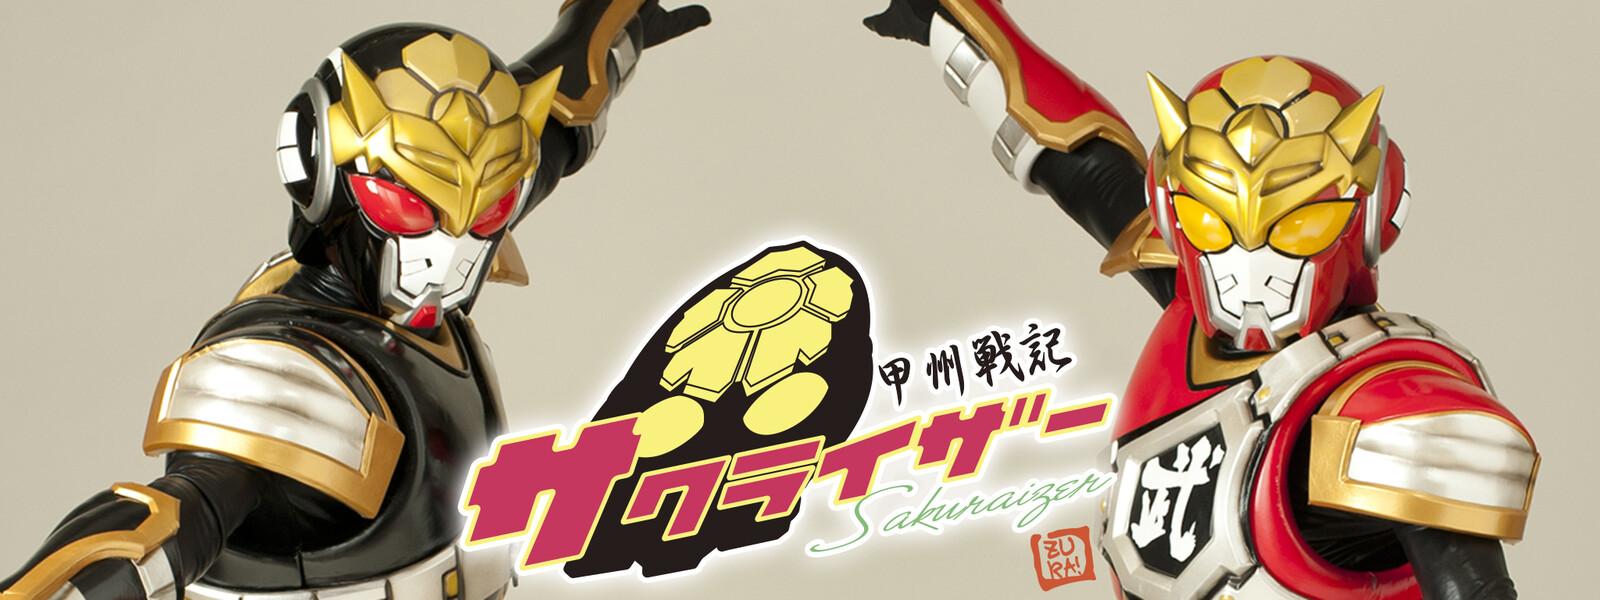 甲州戦記サクライザー シーズン8 動画